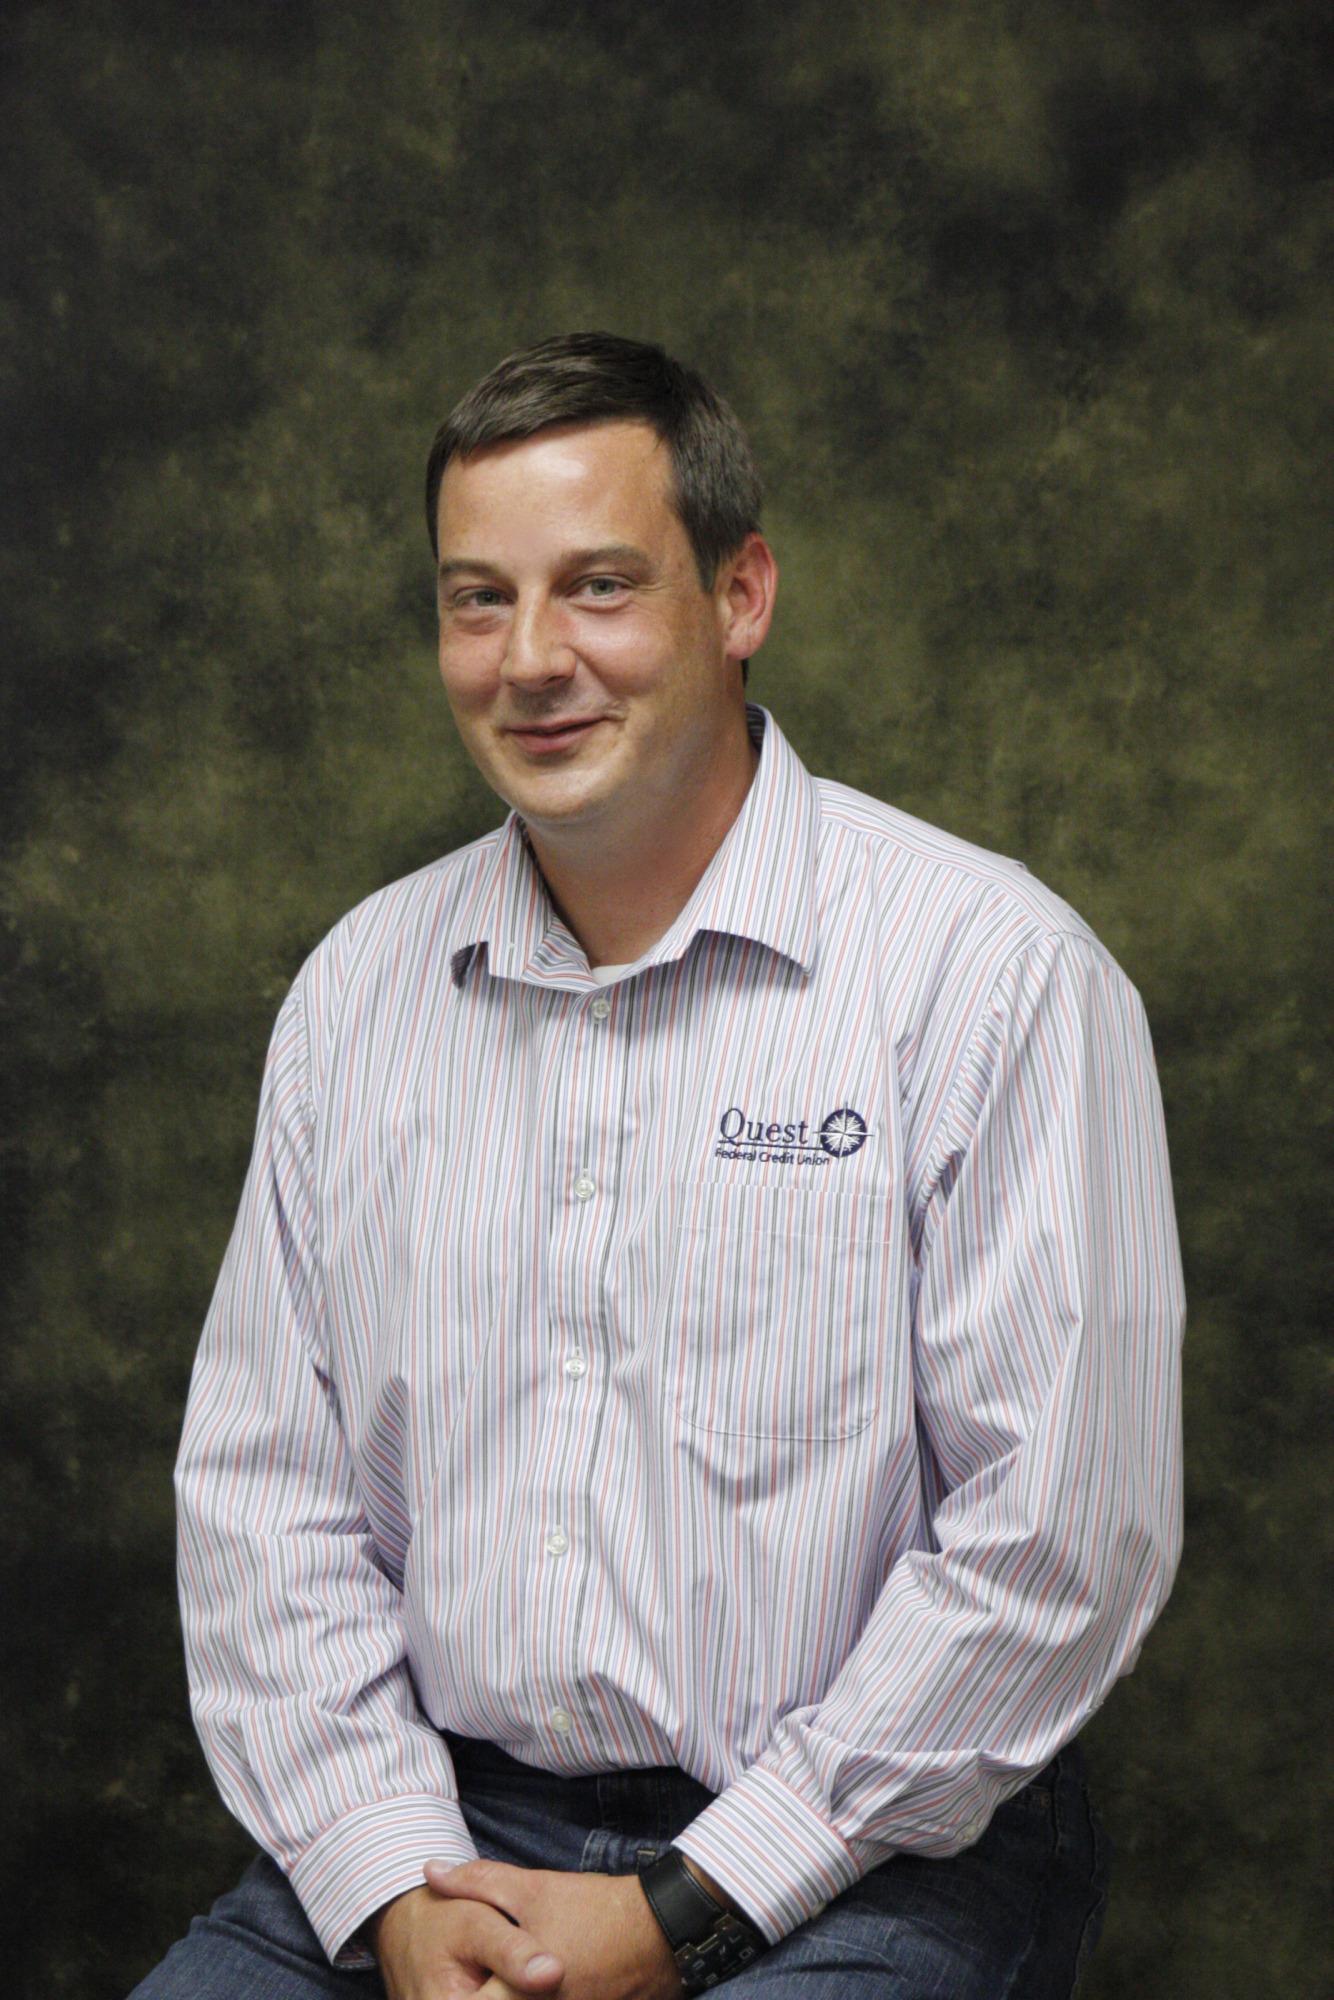 Quest FCU CEO, Matt Jennings